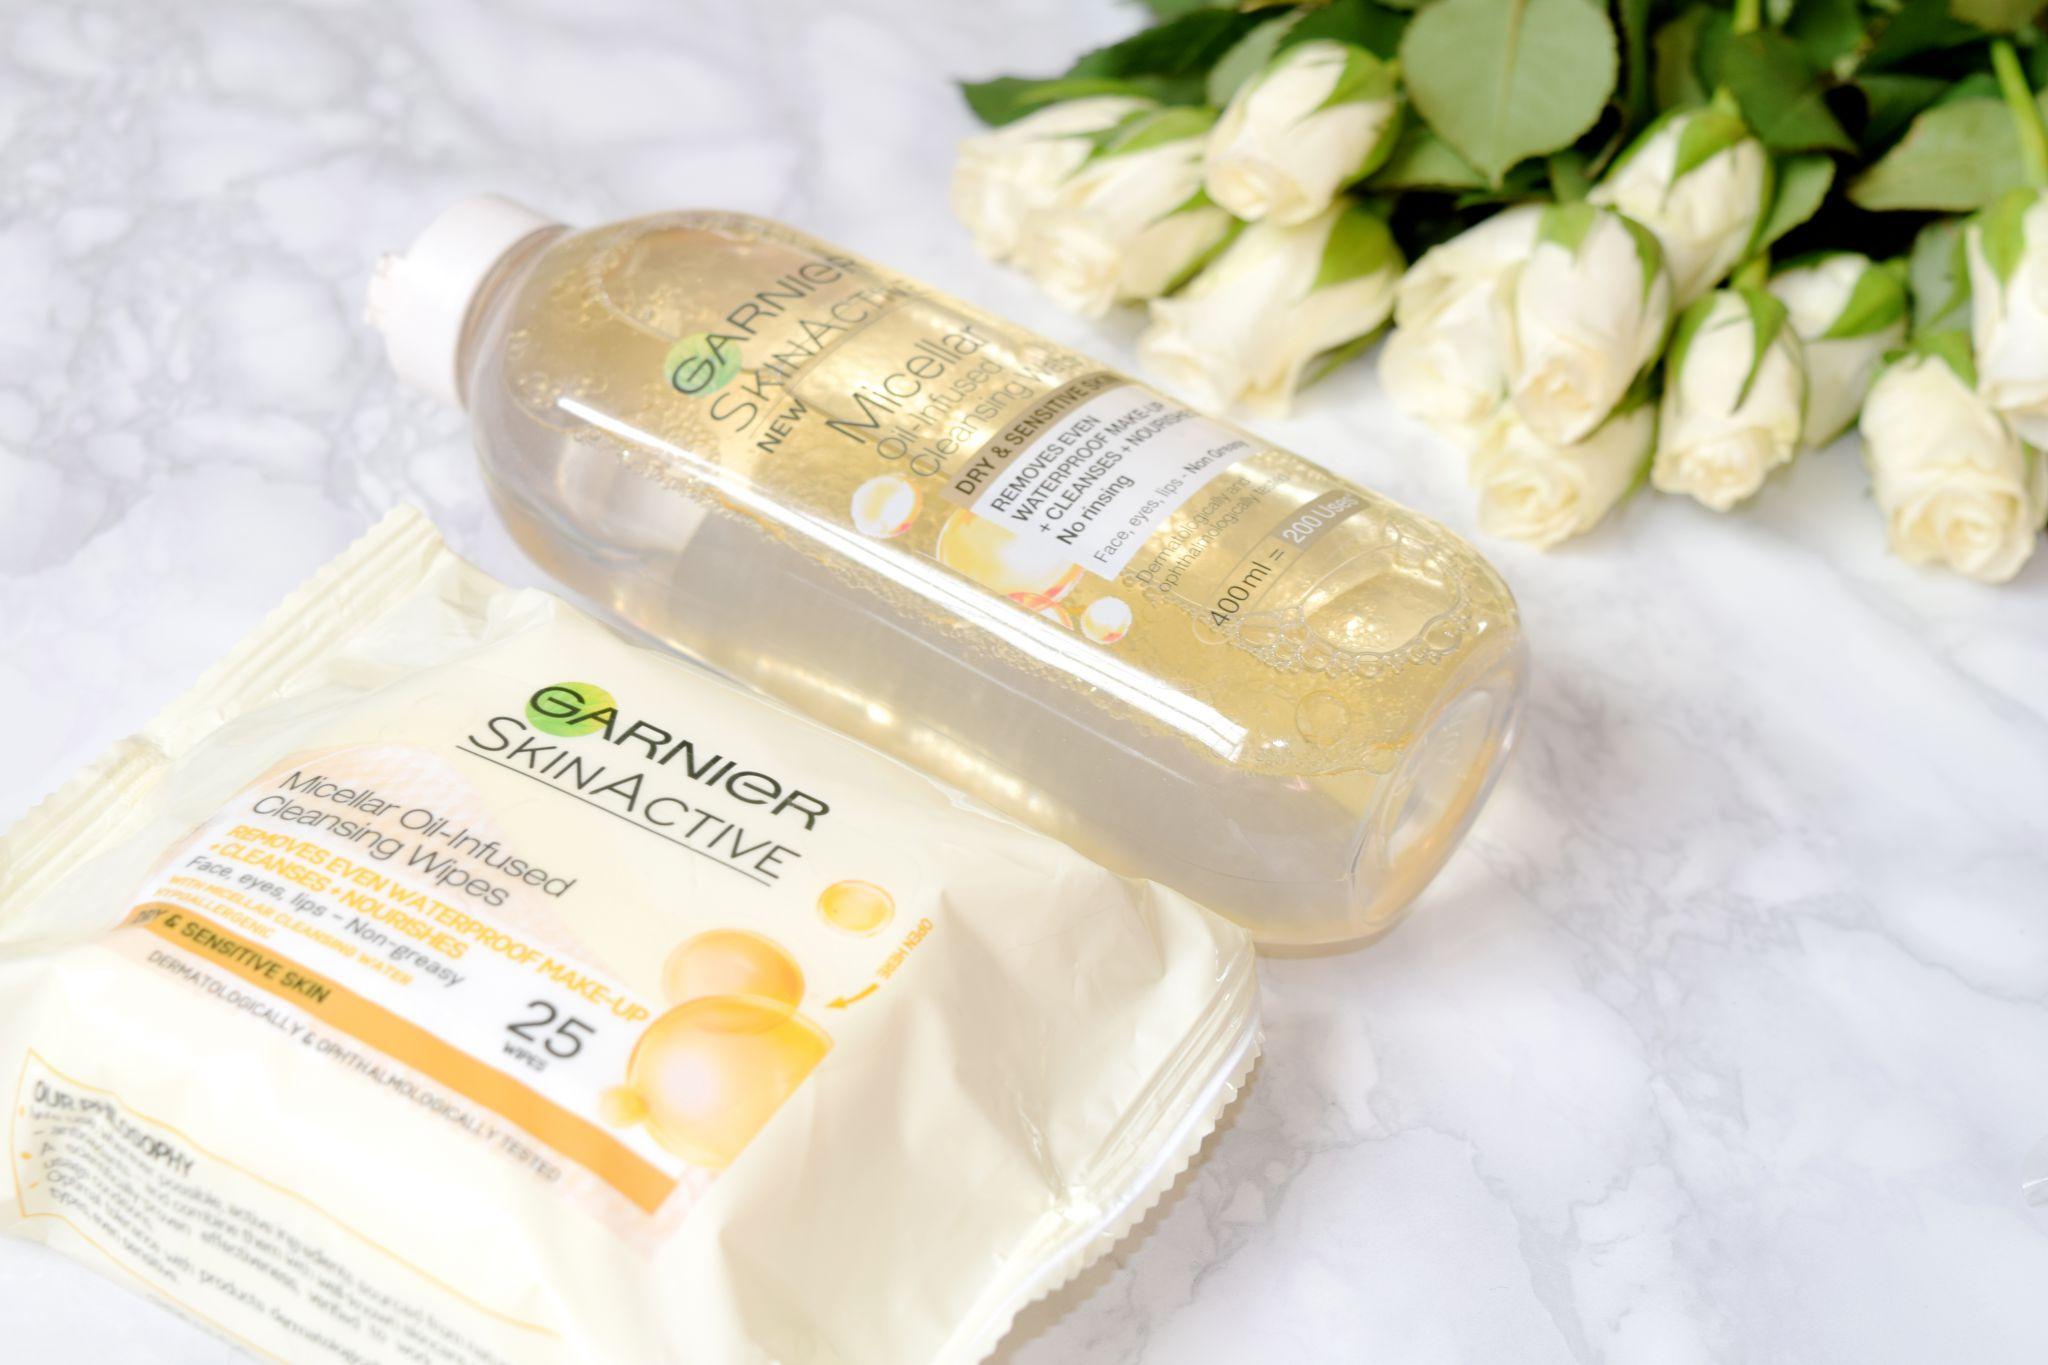 Garnier Miceller Skincare